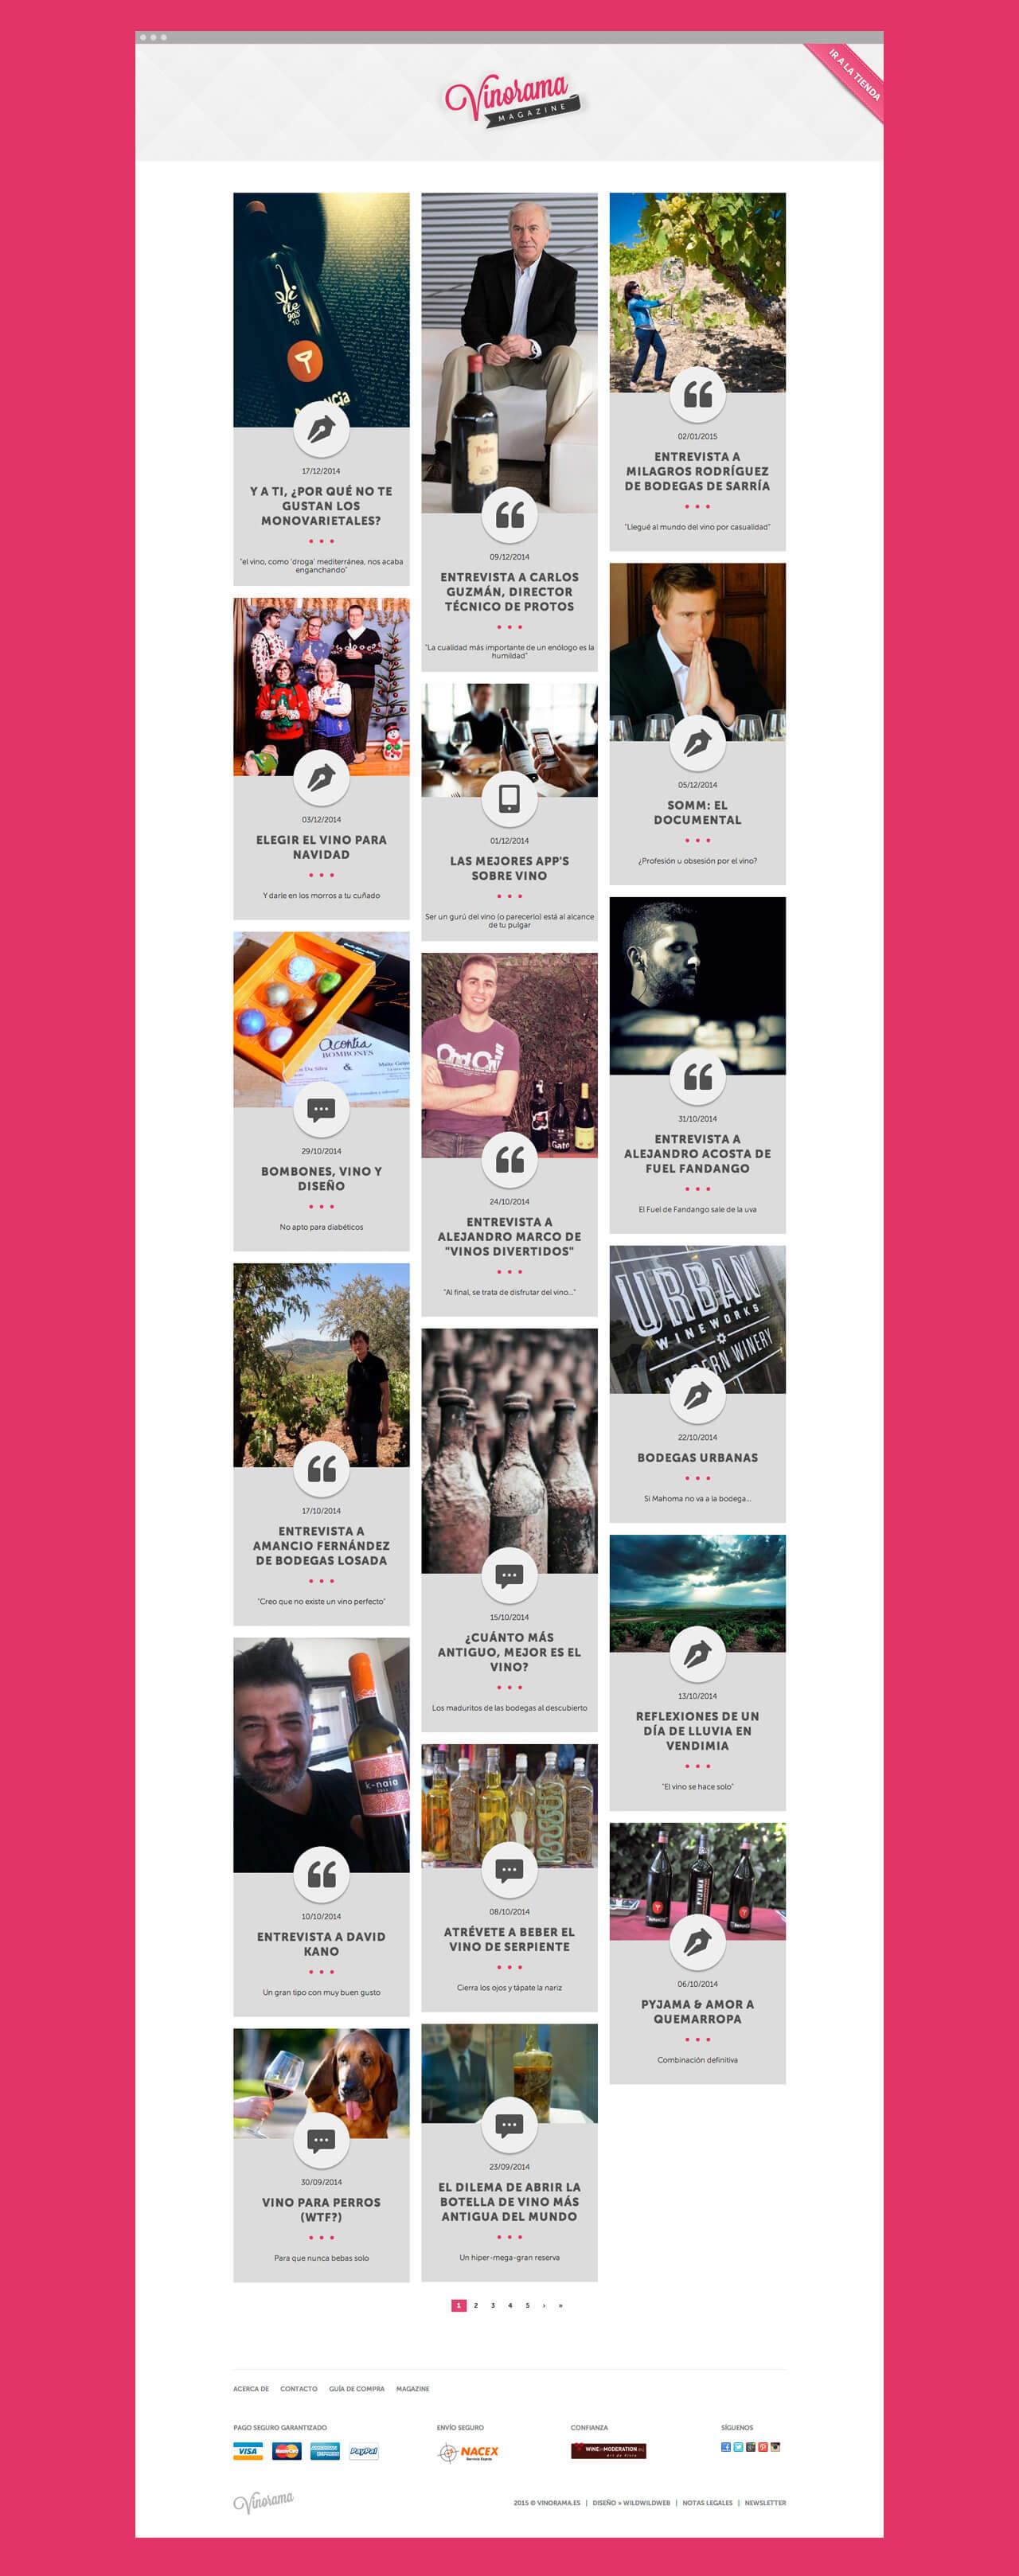 Pantallazo de la sección Magazine de vinorama.es